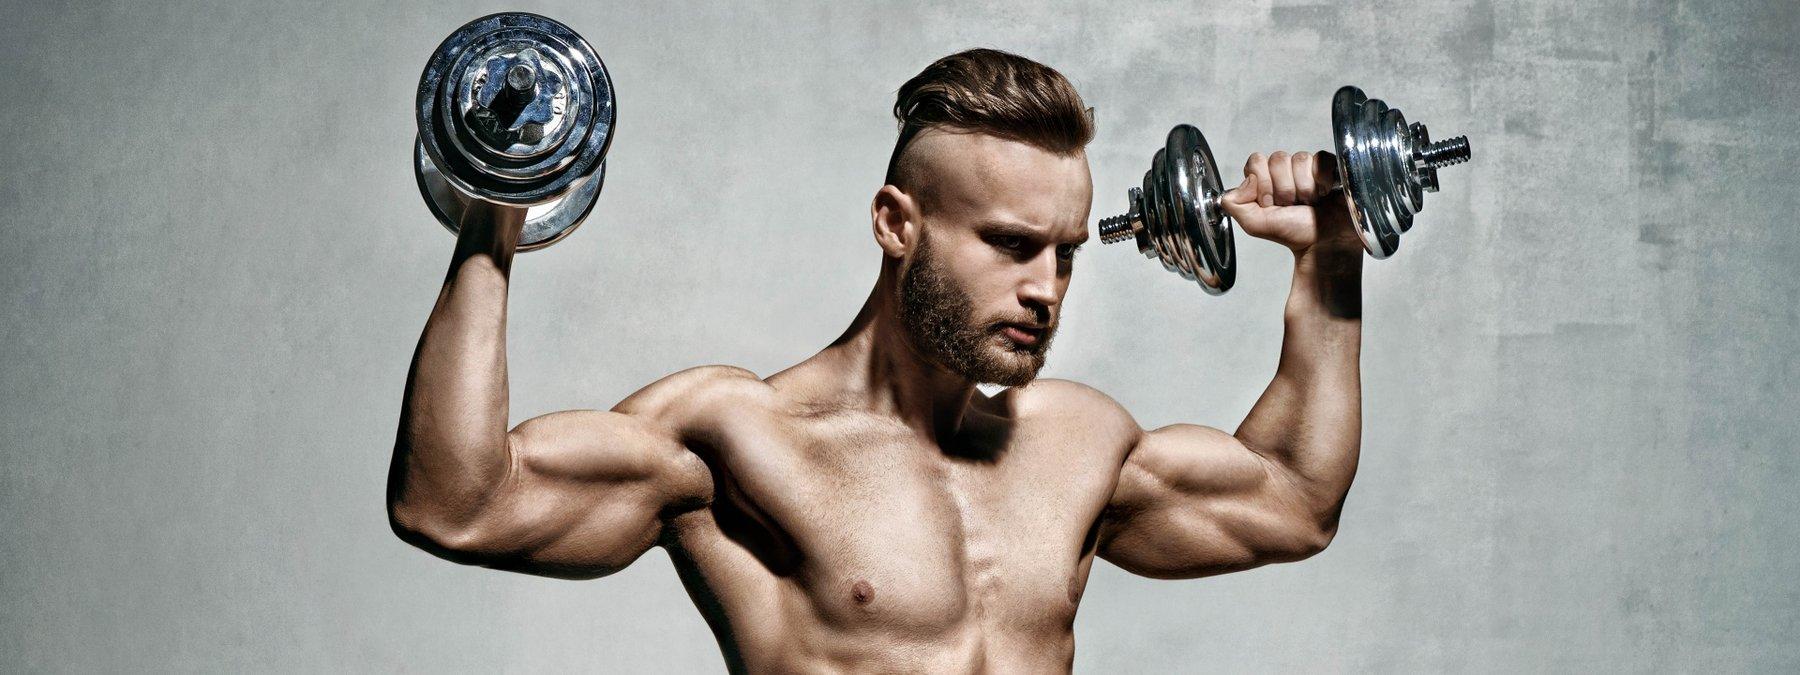 فوائد رياضة كمال الاجسام لصحتك النفسية